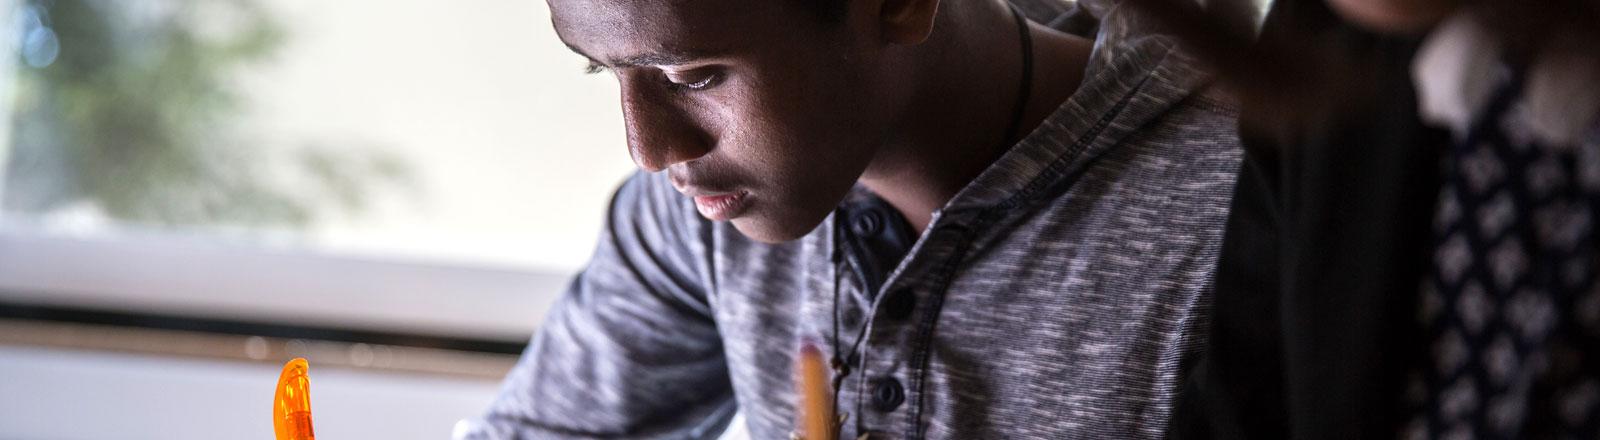 Der aus Eritrea stammende, jugendliche Flüchtling Abel Bahta im Deutschunterricht.